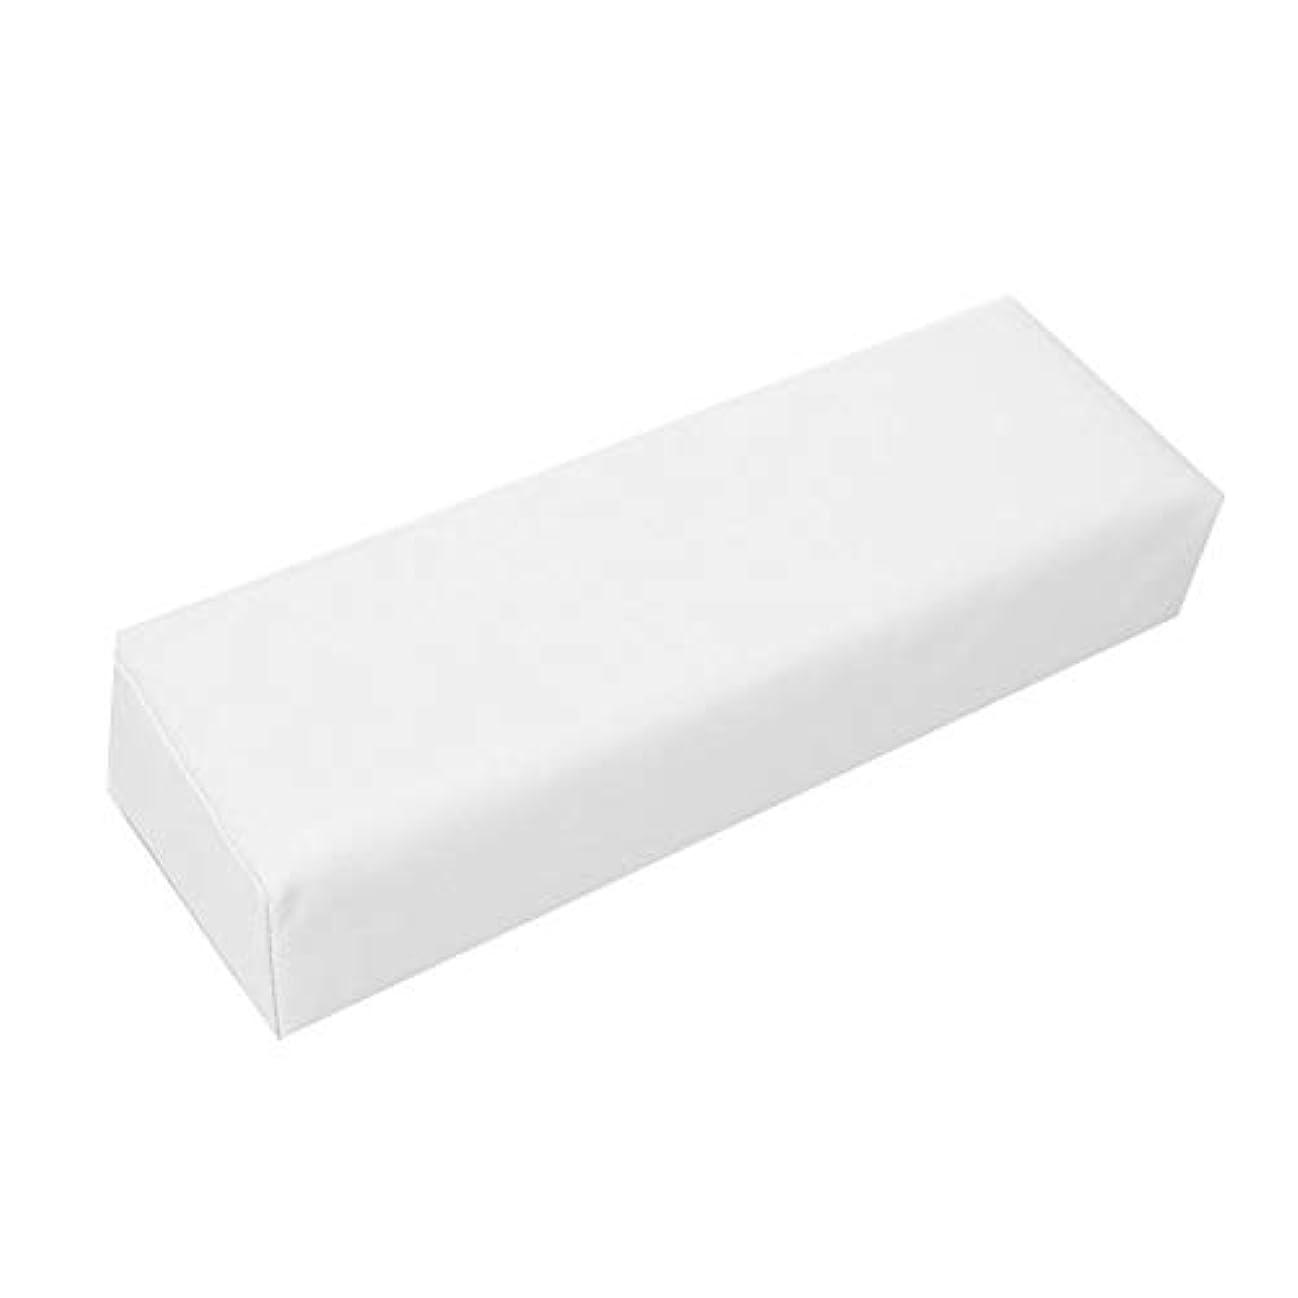 あざ接続された追放するdootiネイル用アームレスト 人工レザー 清潔容易 手をサポート 練習用にも 高弾性な充填物 美容院 美容室 ネイルサロン 理容室に適用(ホワイト)